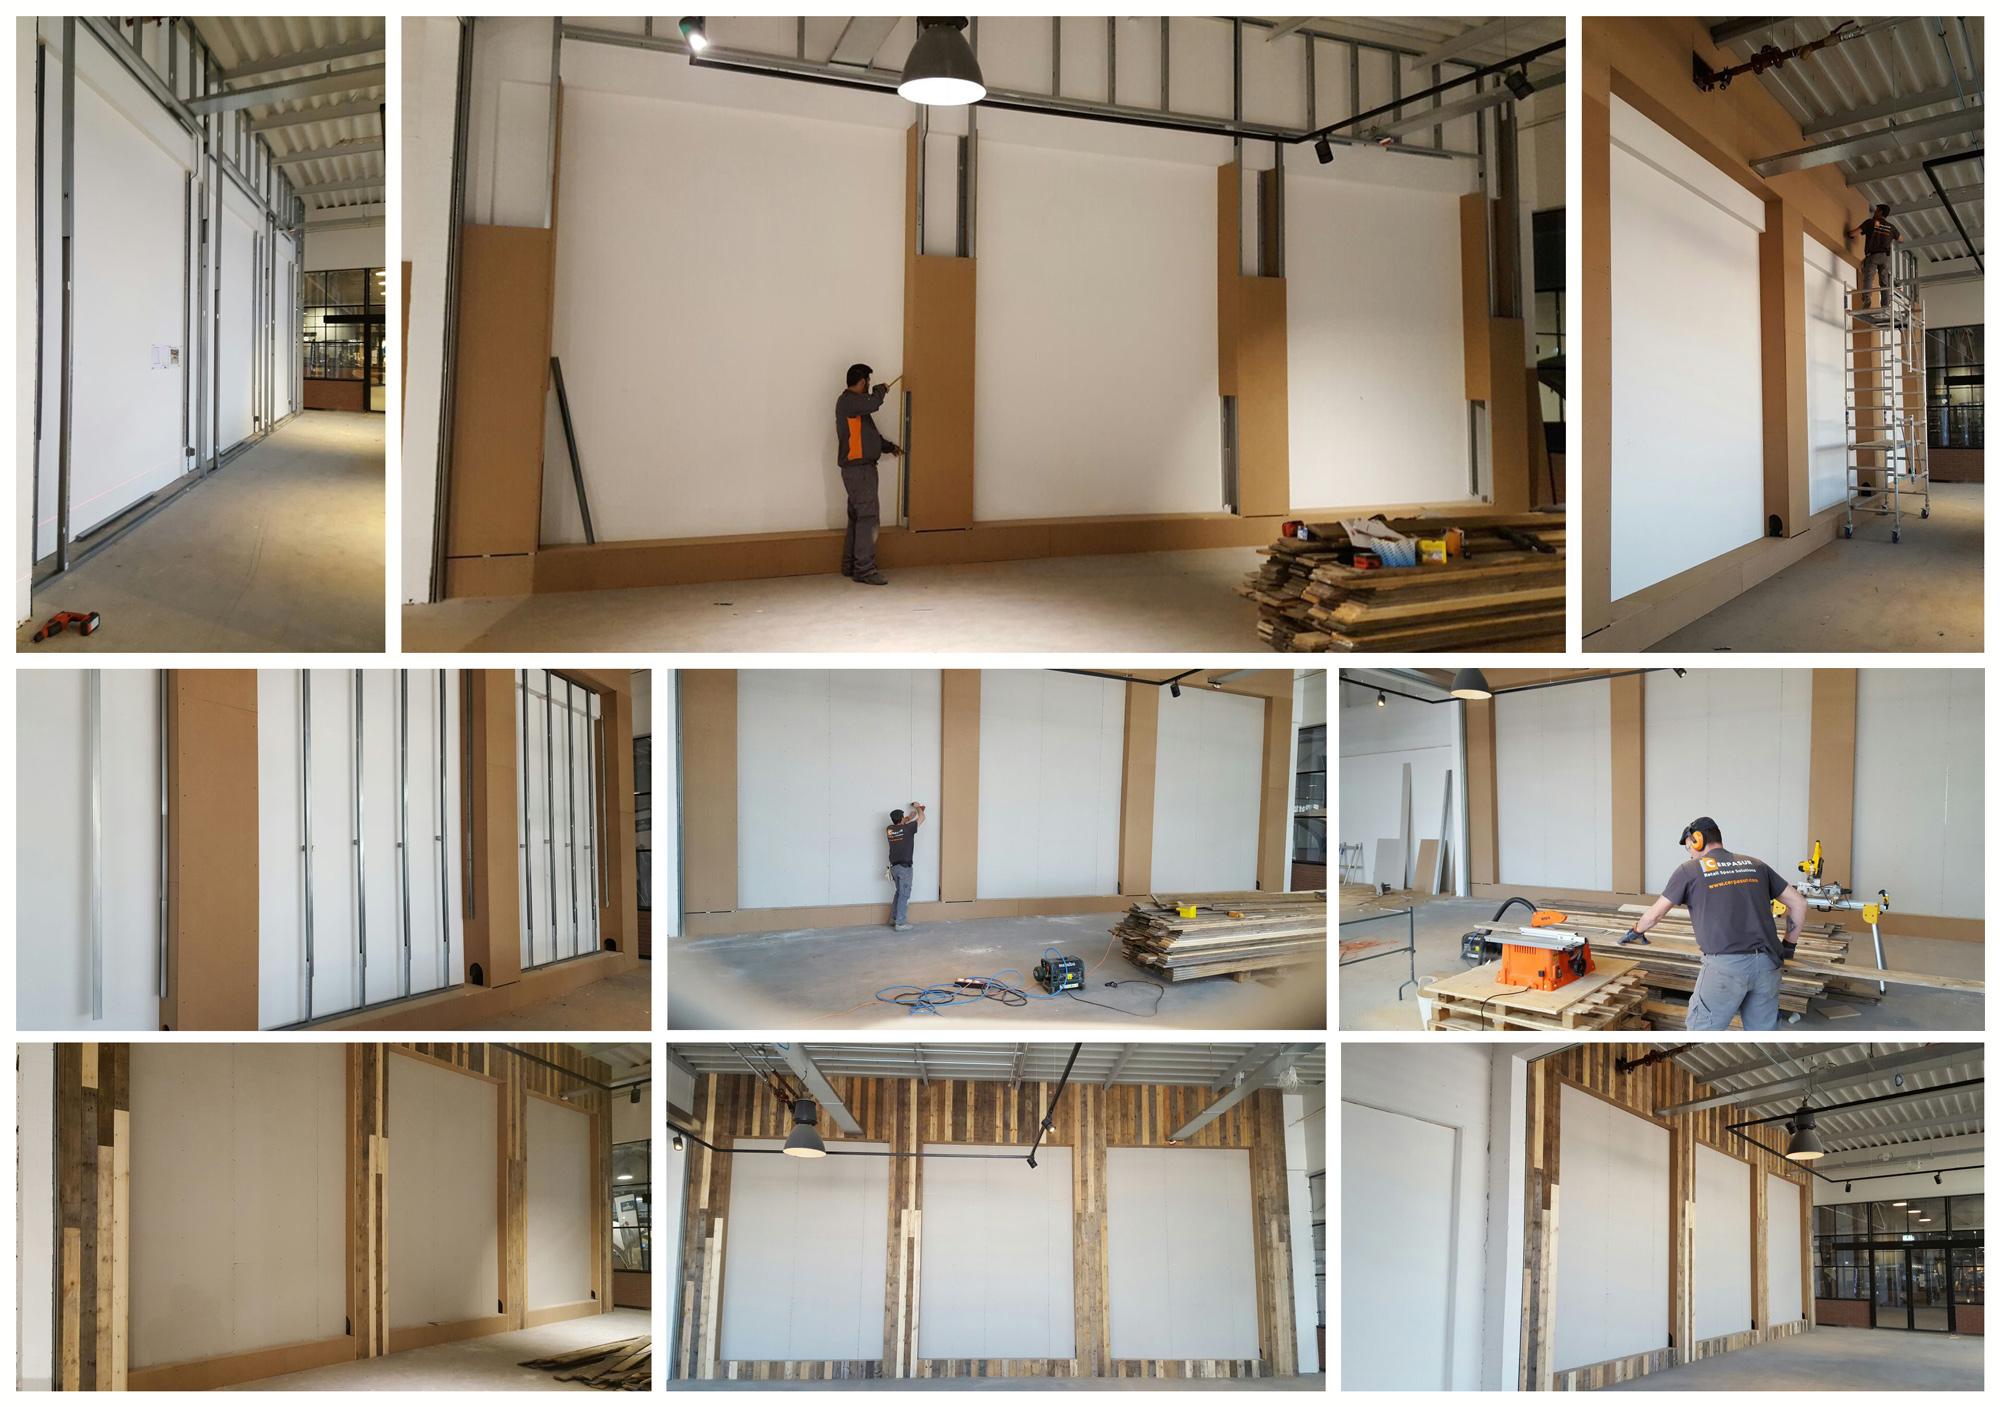 Construcción de tienda Rivièra Maison en Zaandam - Holanda por Cerpasur